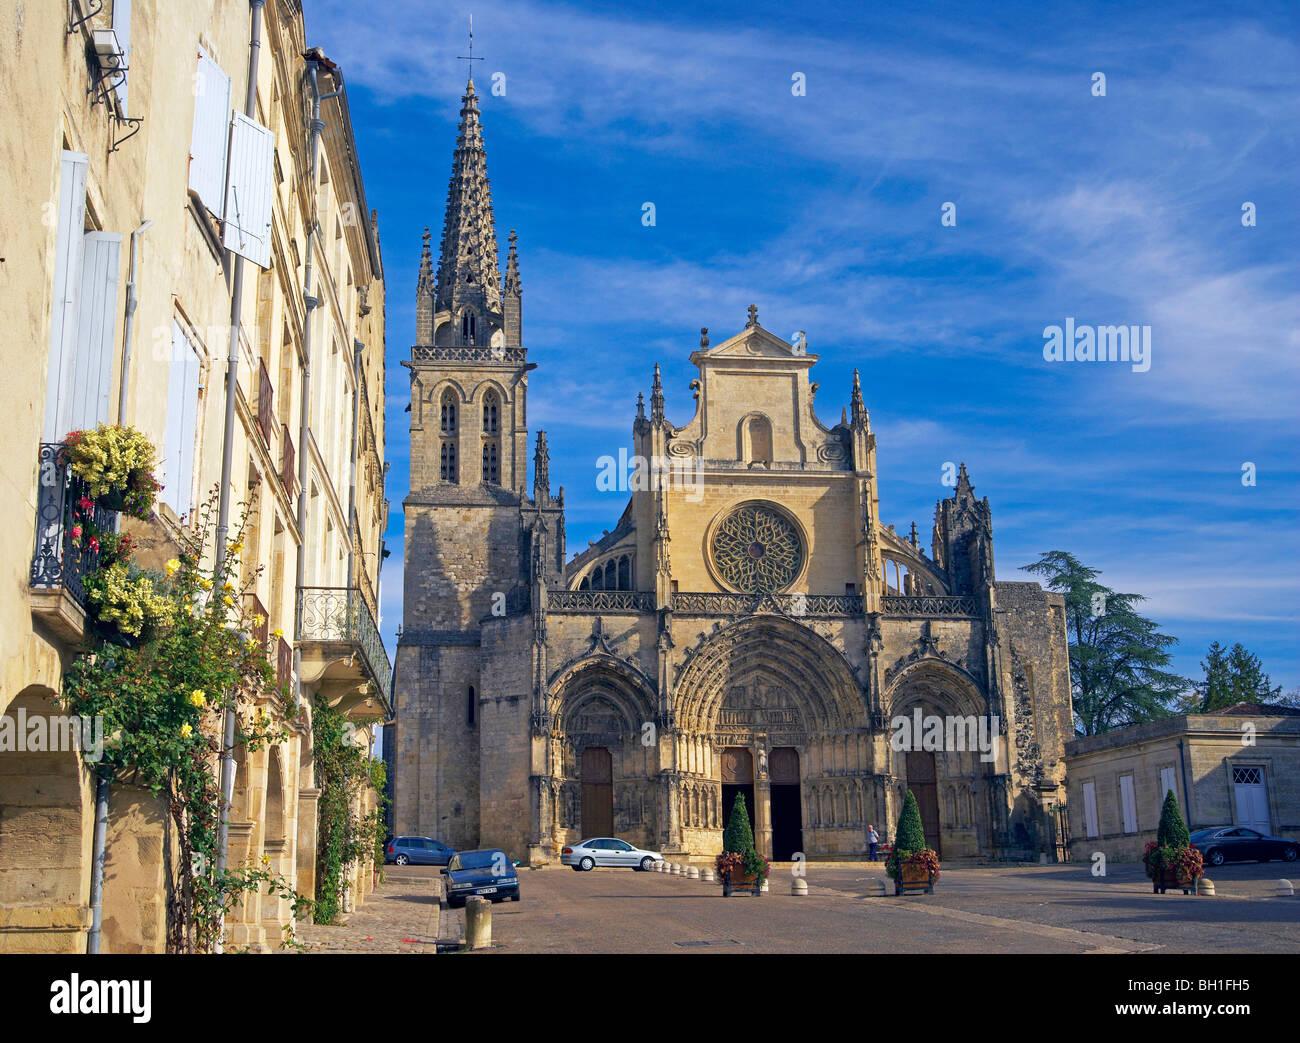 Bazas Cathedral, The Way of St. James, Chemins de Saint Jacques, Via Lemovicensis, Bazas, Dept. Gironde, Région Stock Photo